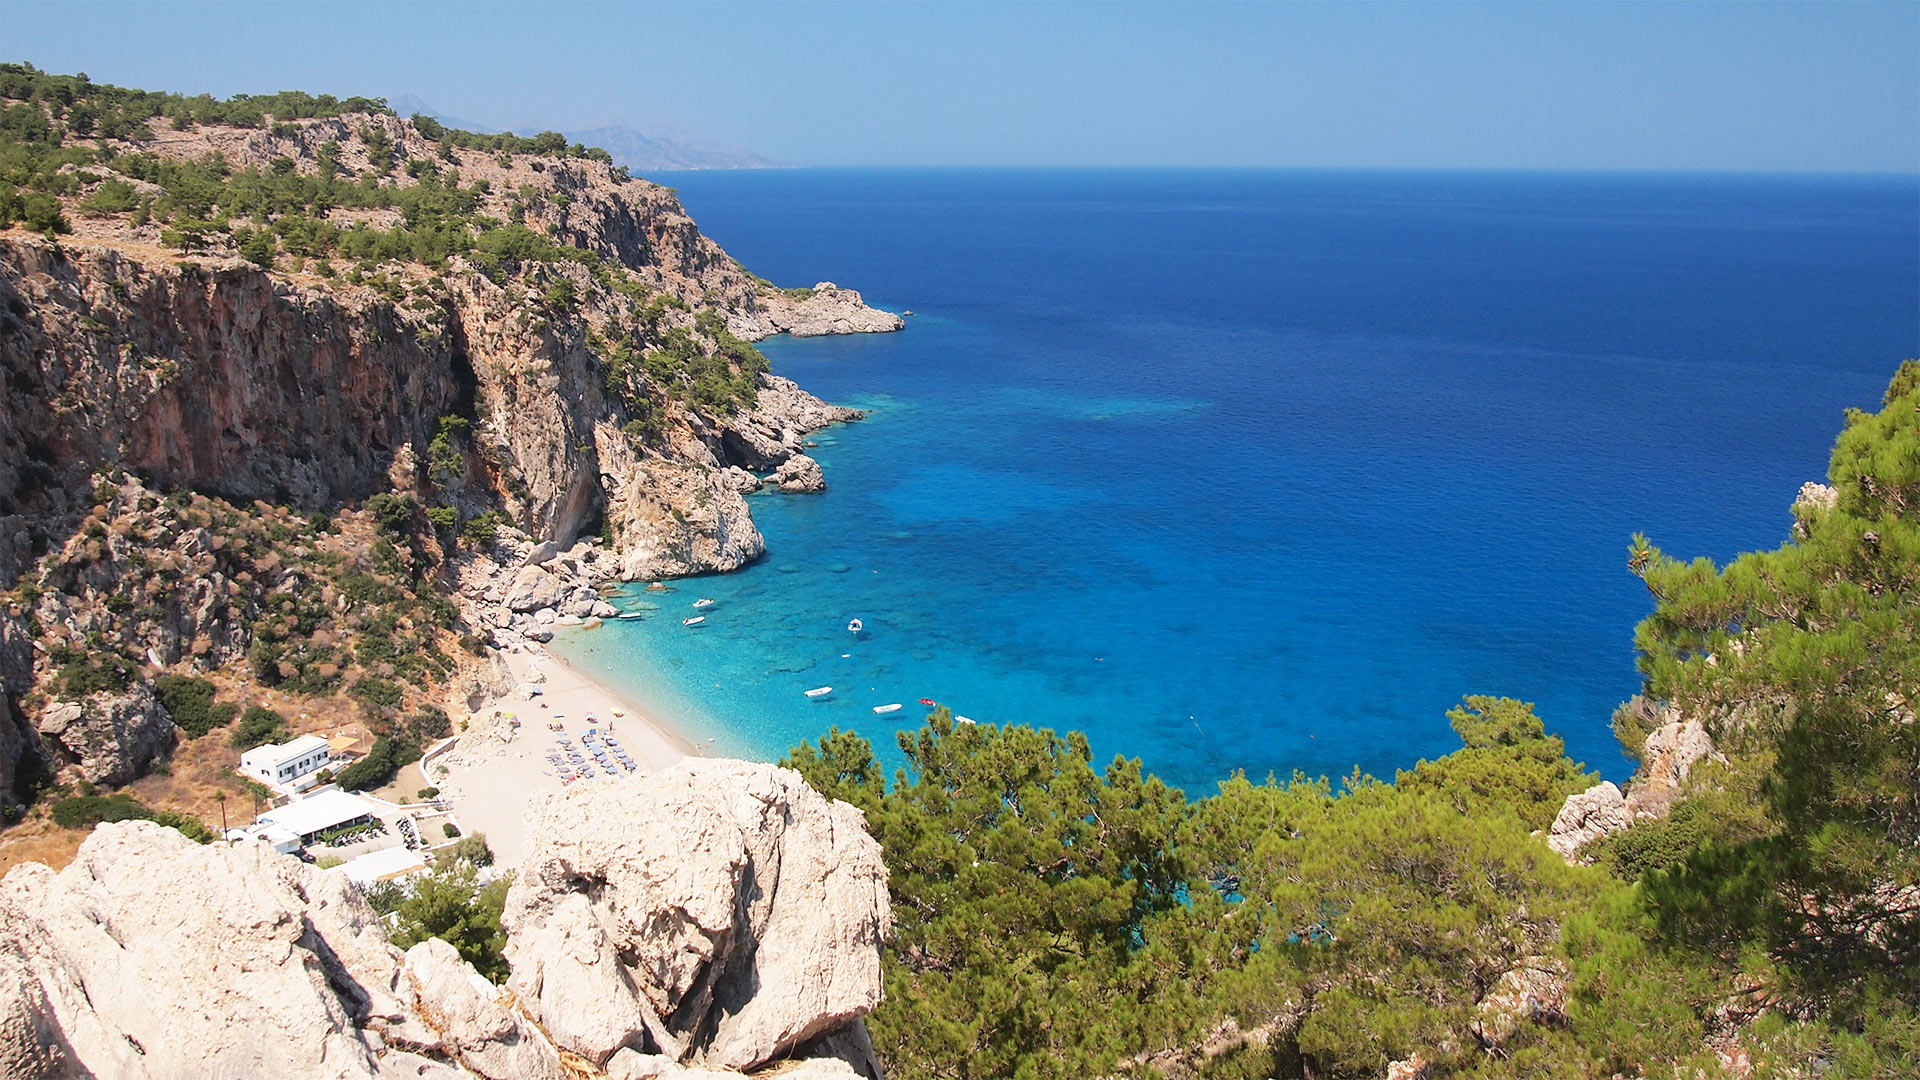 images/slider/karpathos-island-greece-bckgr1.jpg